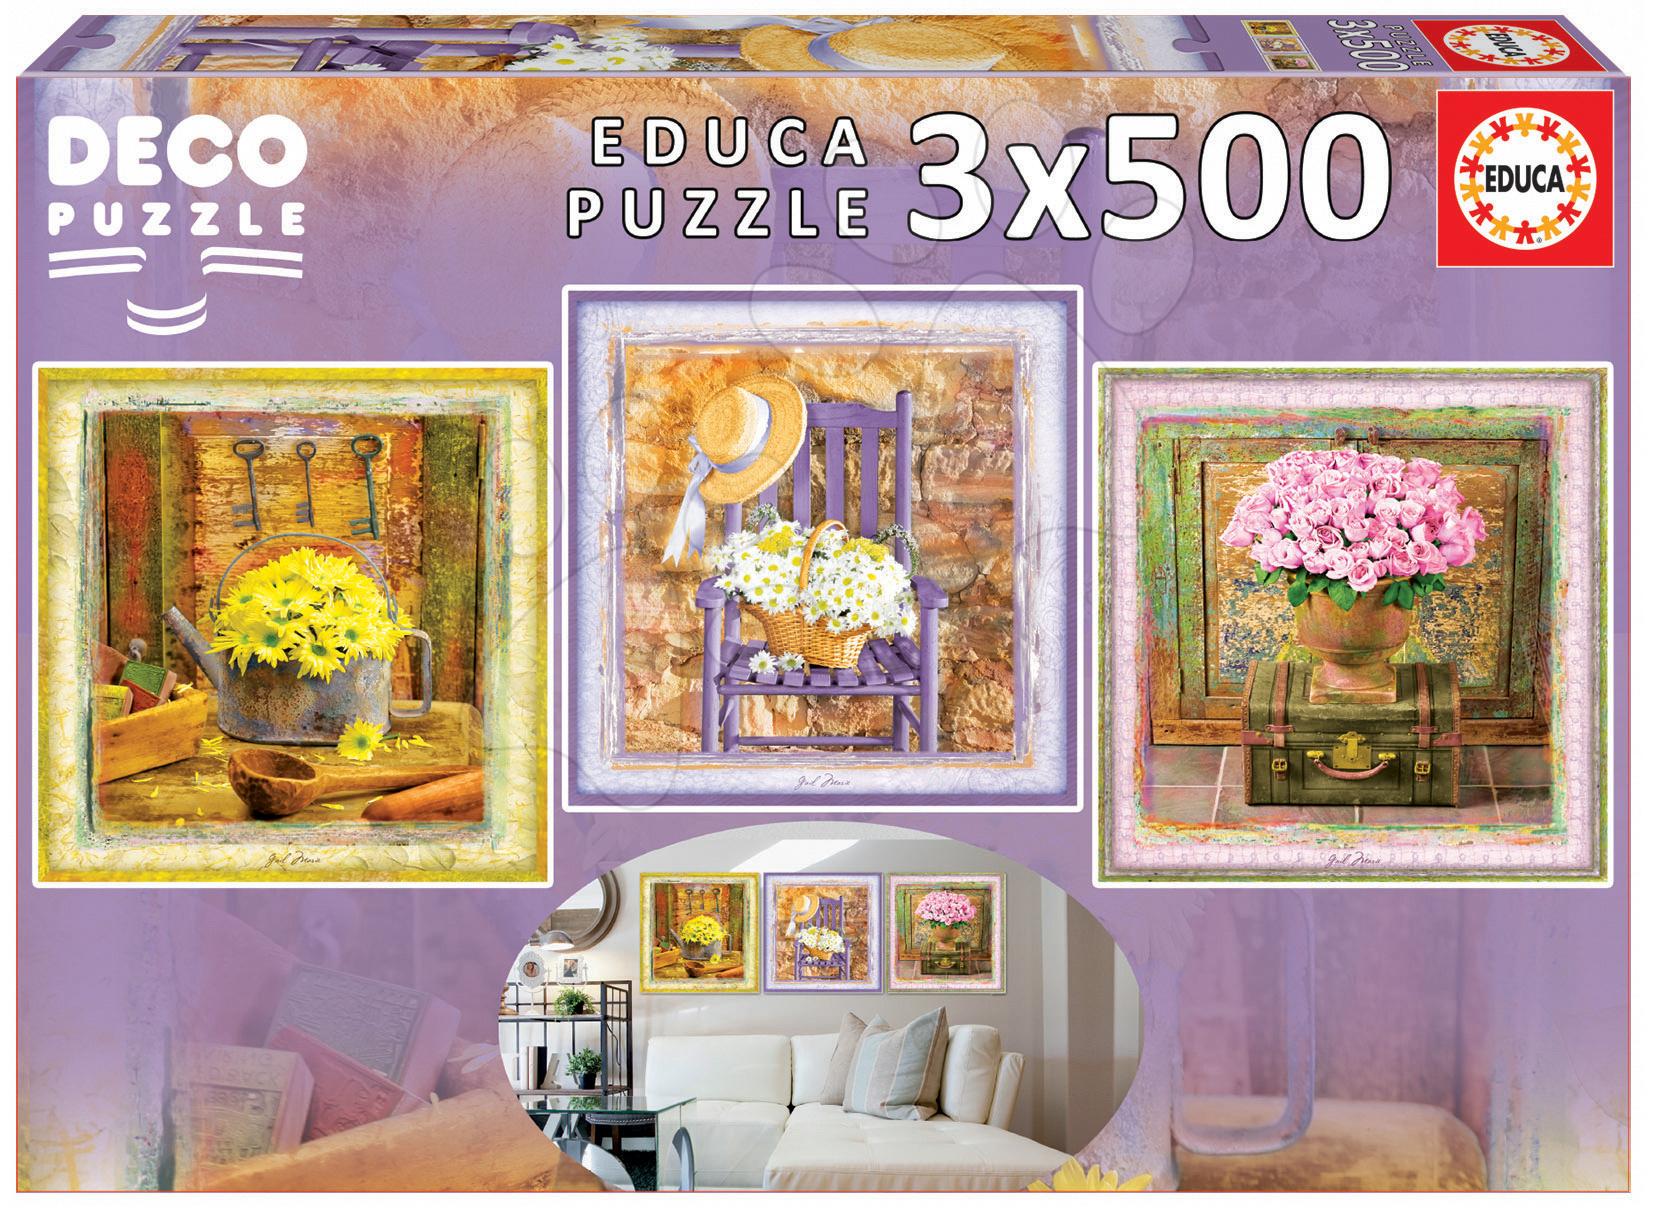 Puzzle Deco Enchanted Moments, Gail Marie Educa 3x500 dílů od 11 let